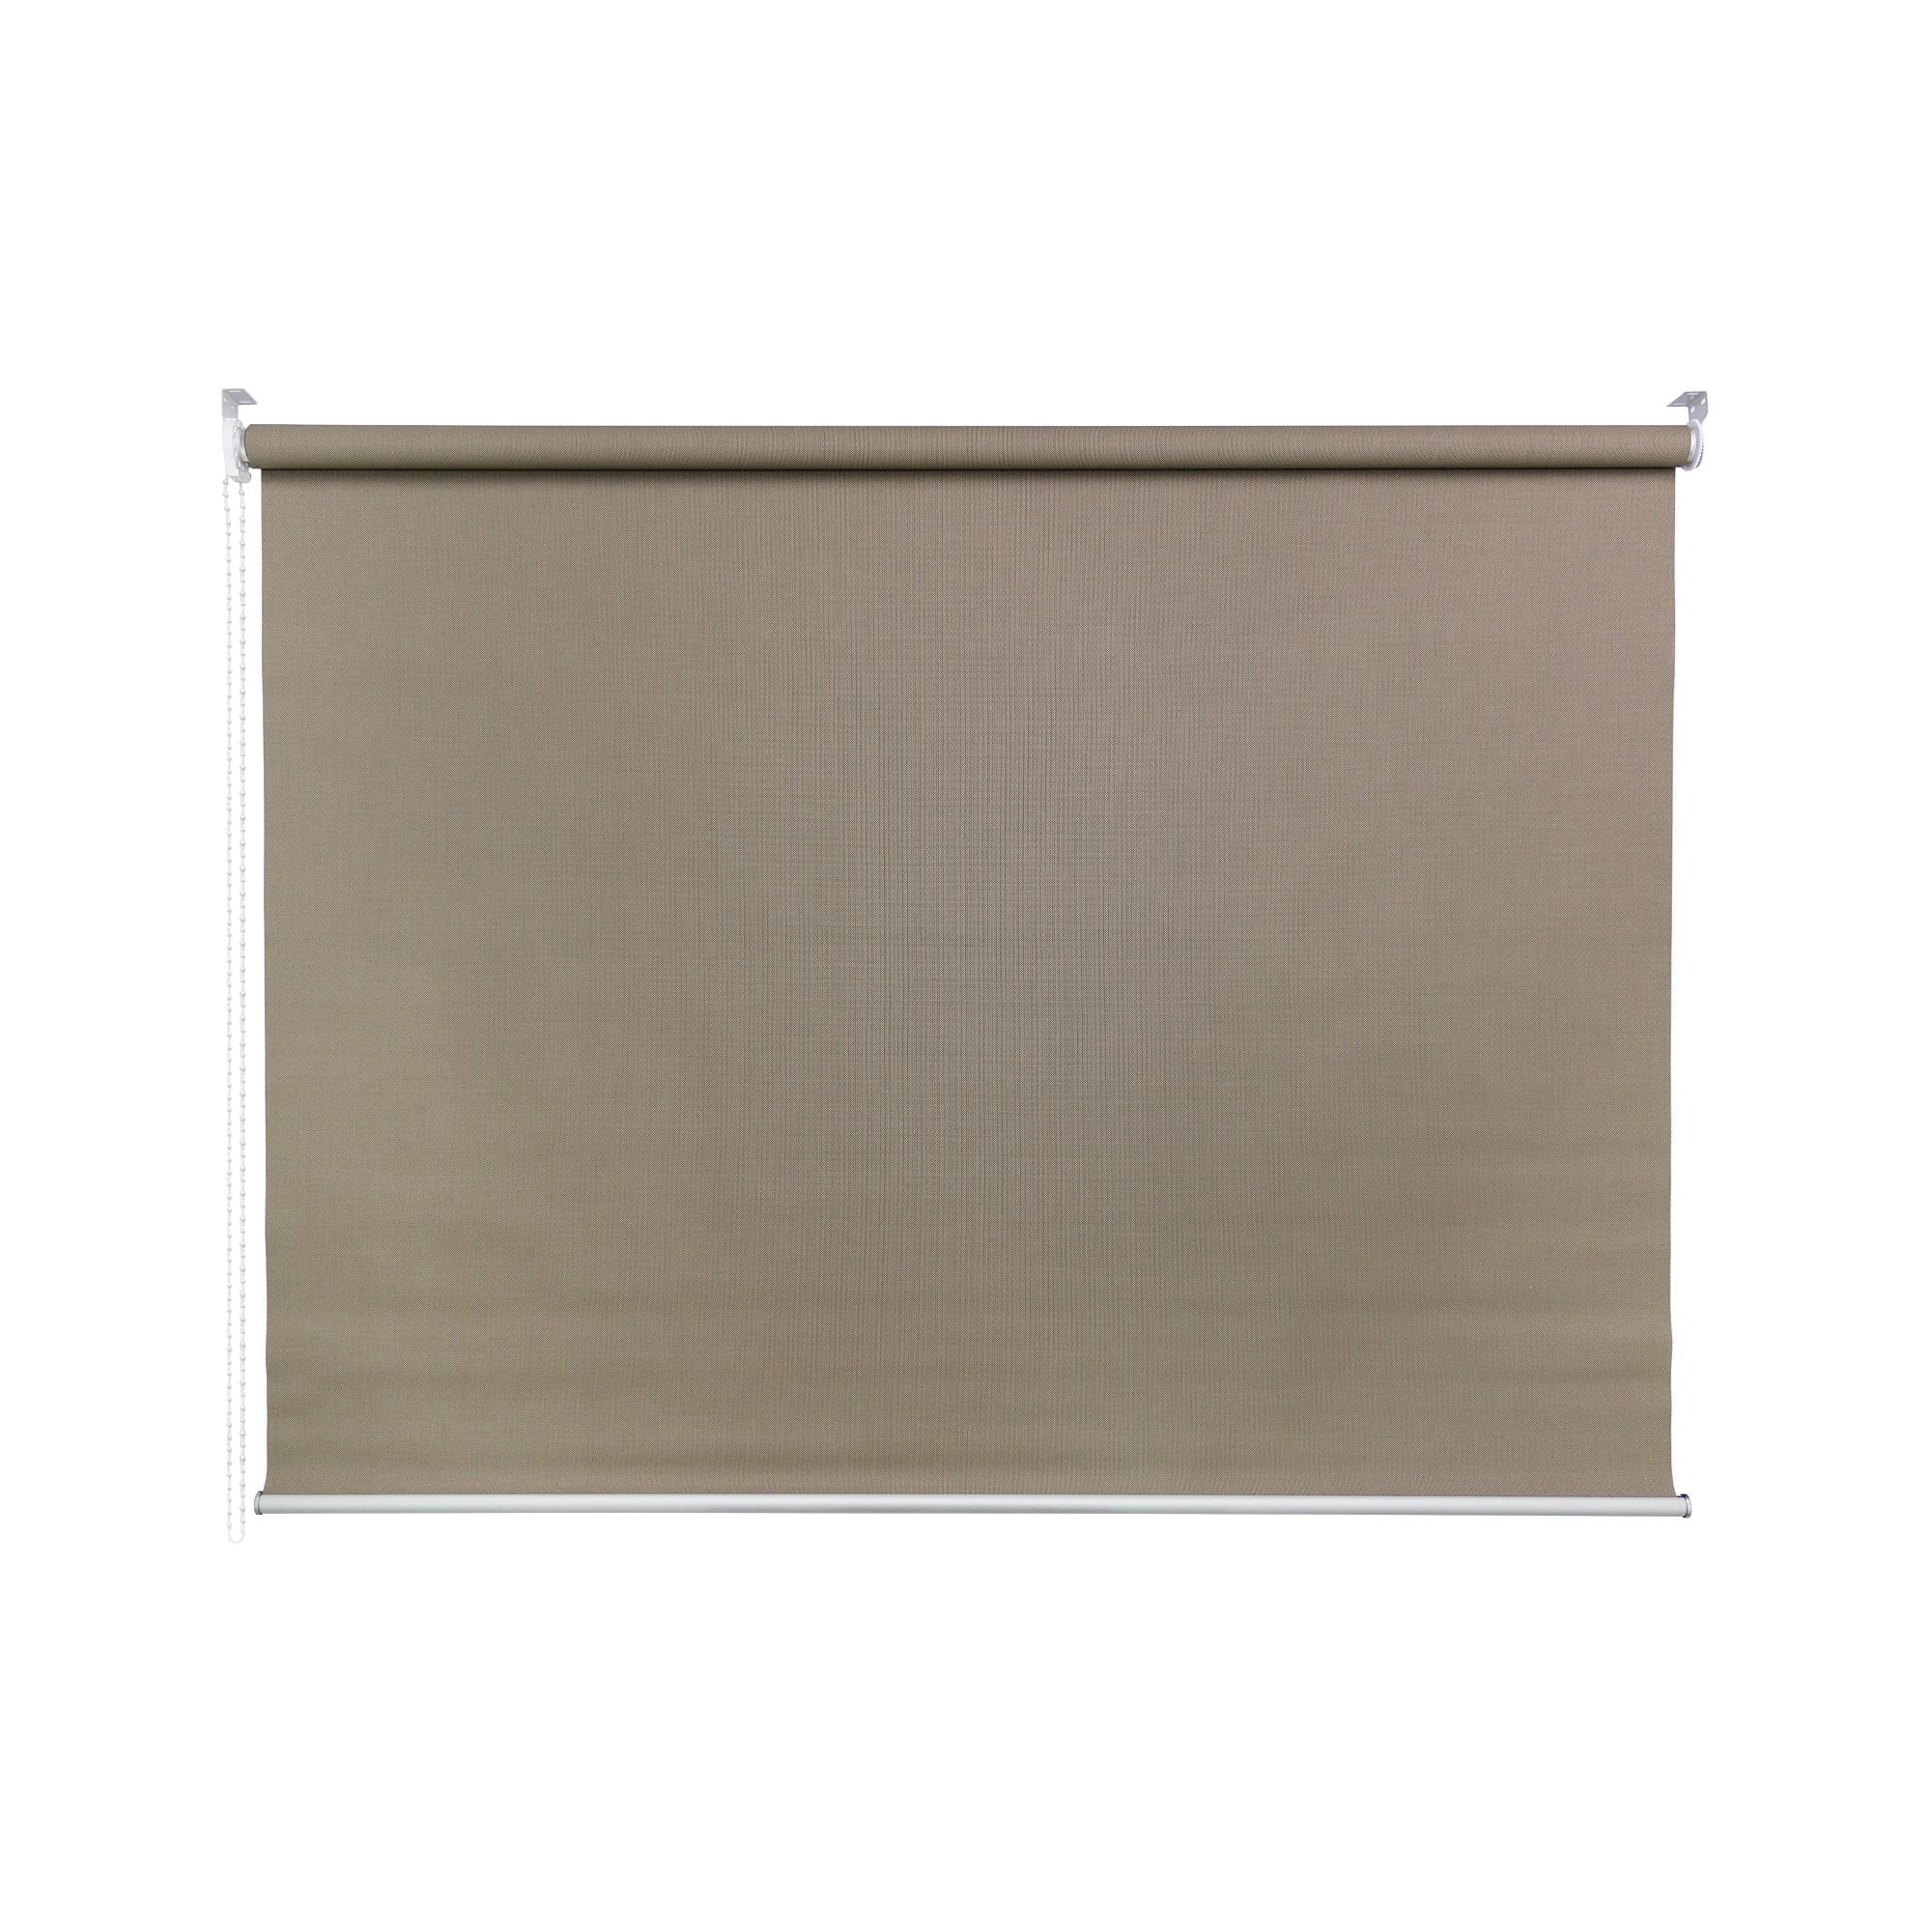 Persiana Rolo Poliester e PVC 80x170 cm Marrom 50A09 - Jolie